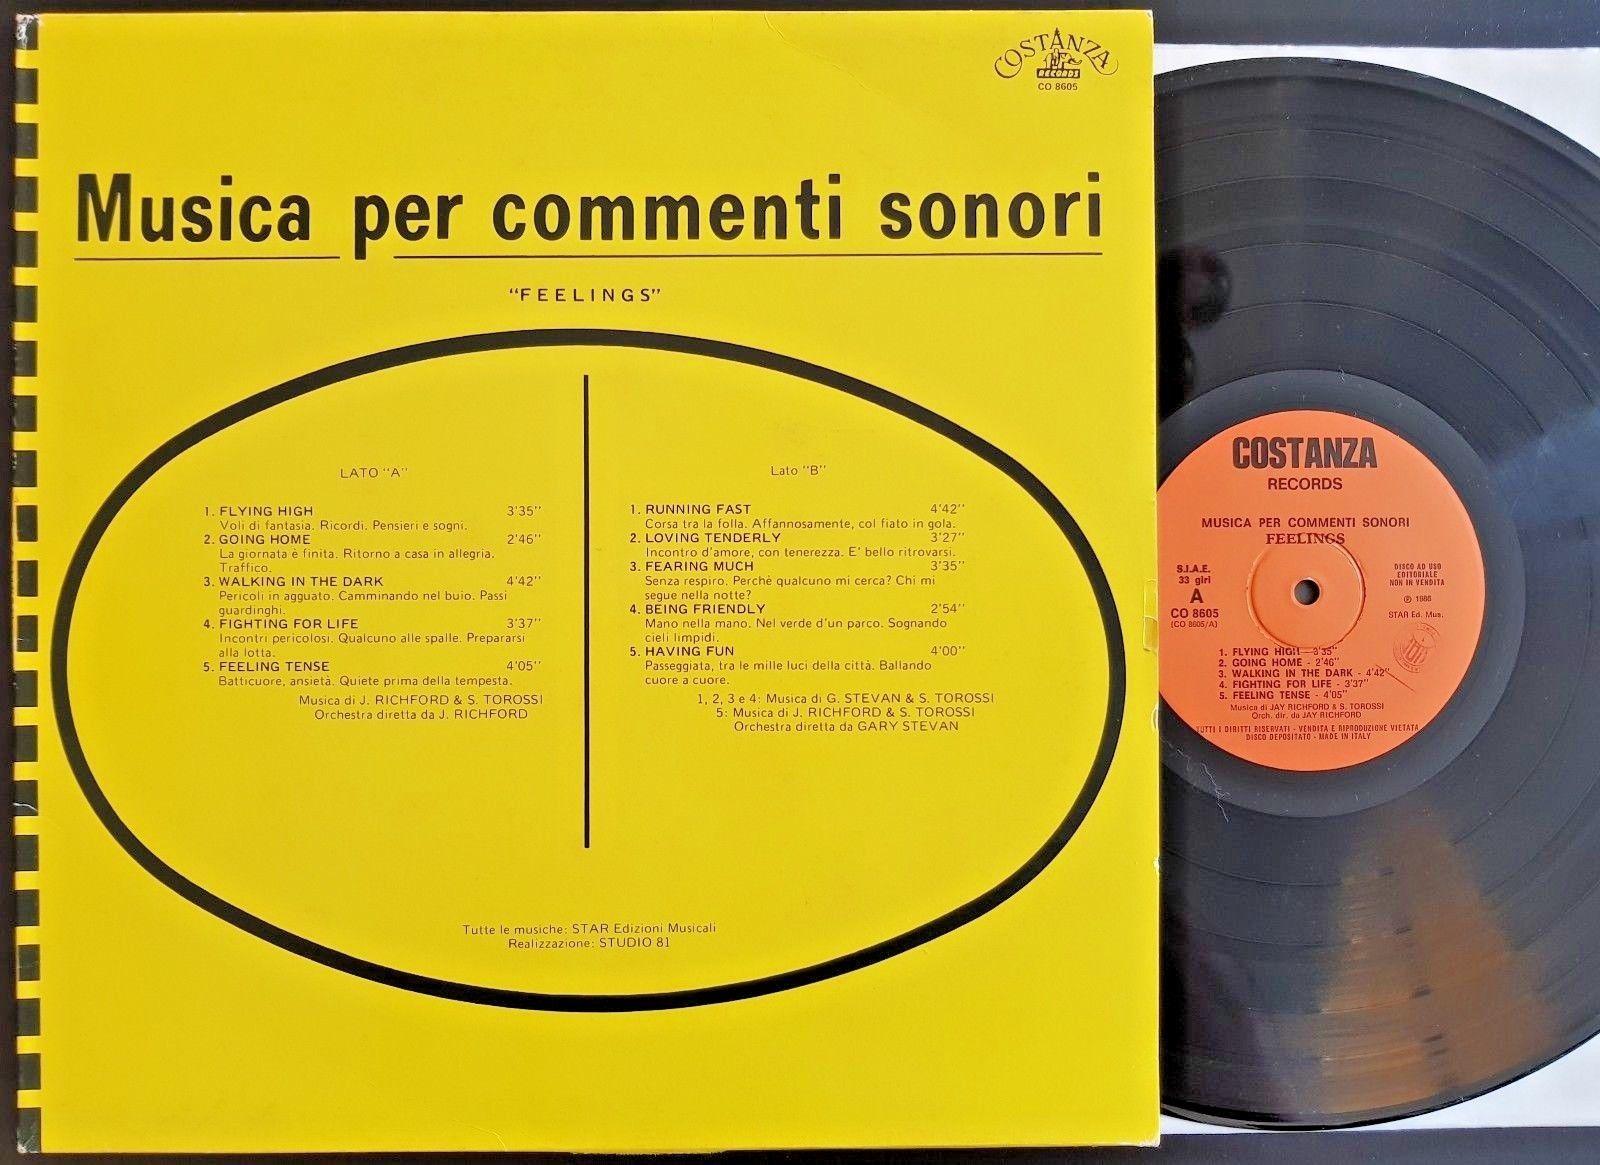 S.Torossi - FEELINGS LP RE 1986 Costanza pr. - Italian FUNK LIBRARY Holy Grail